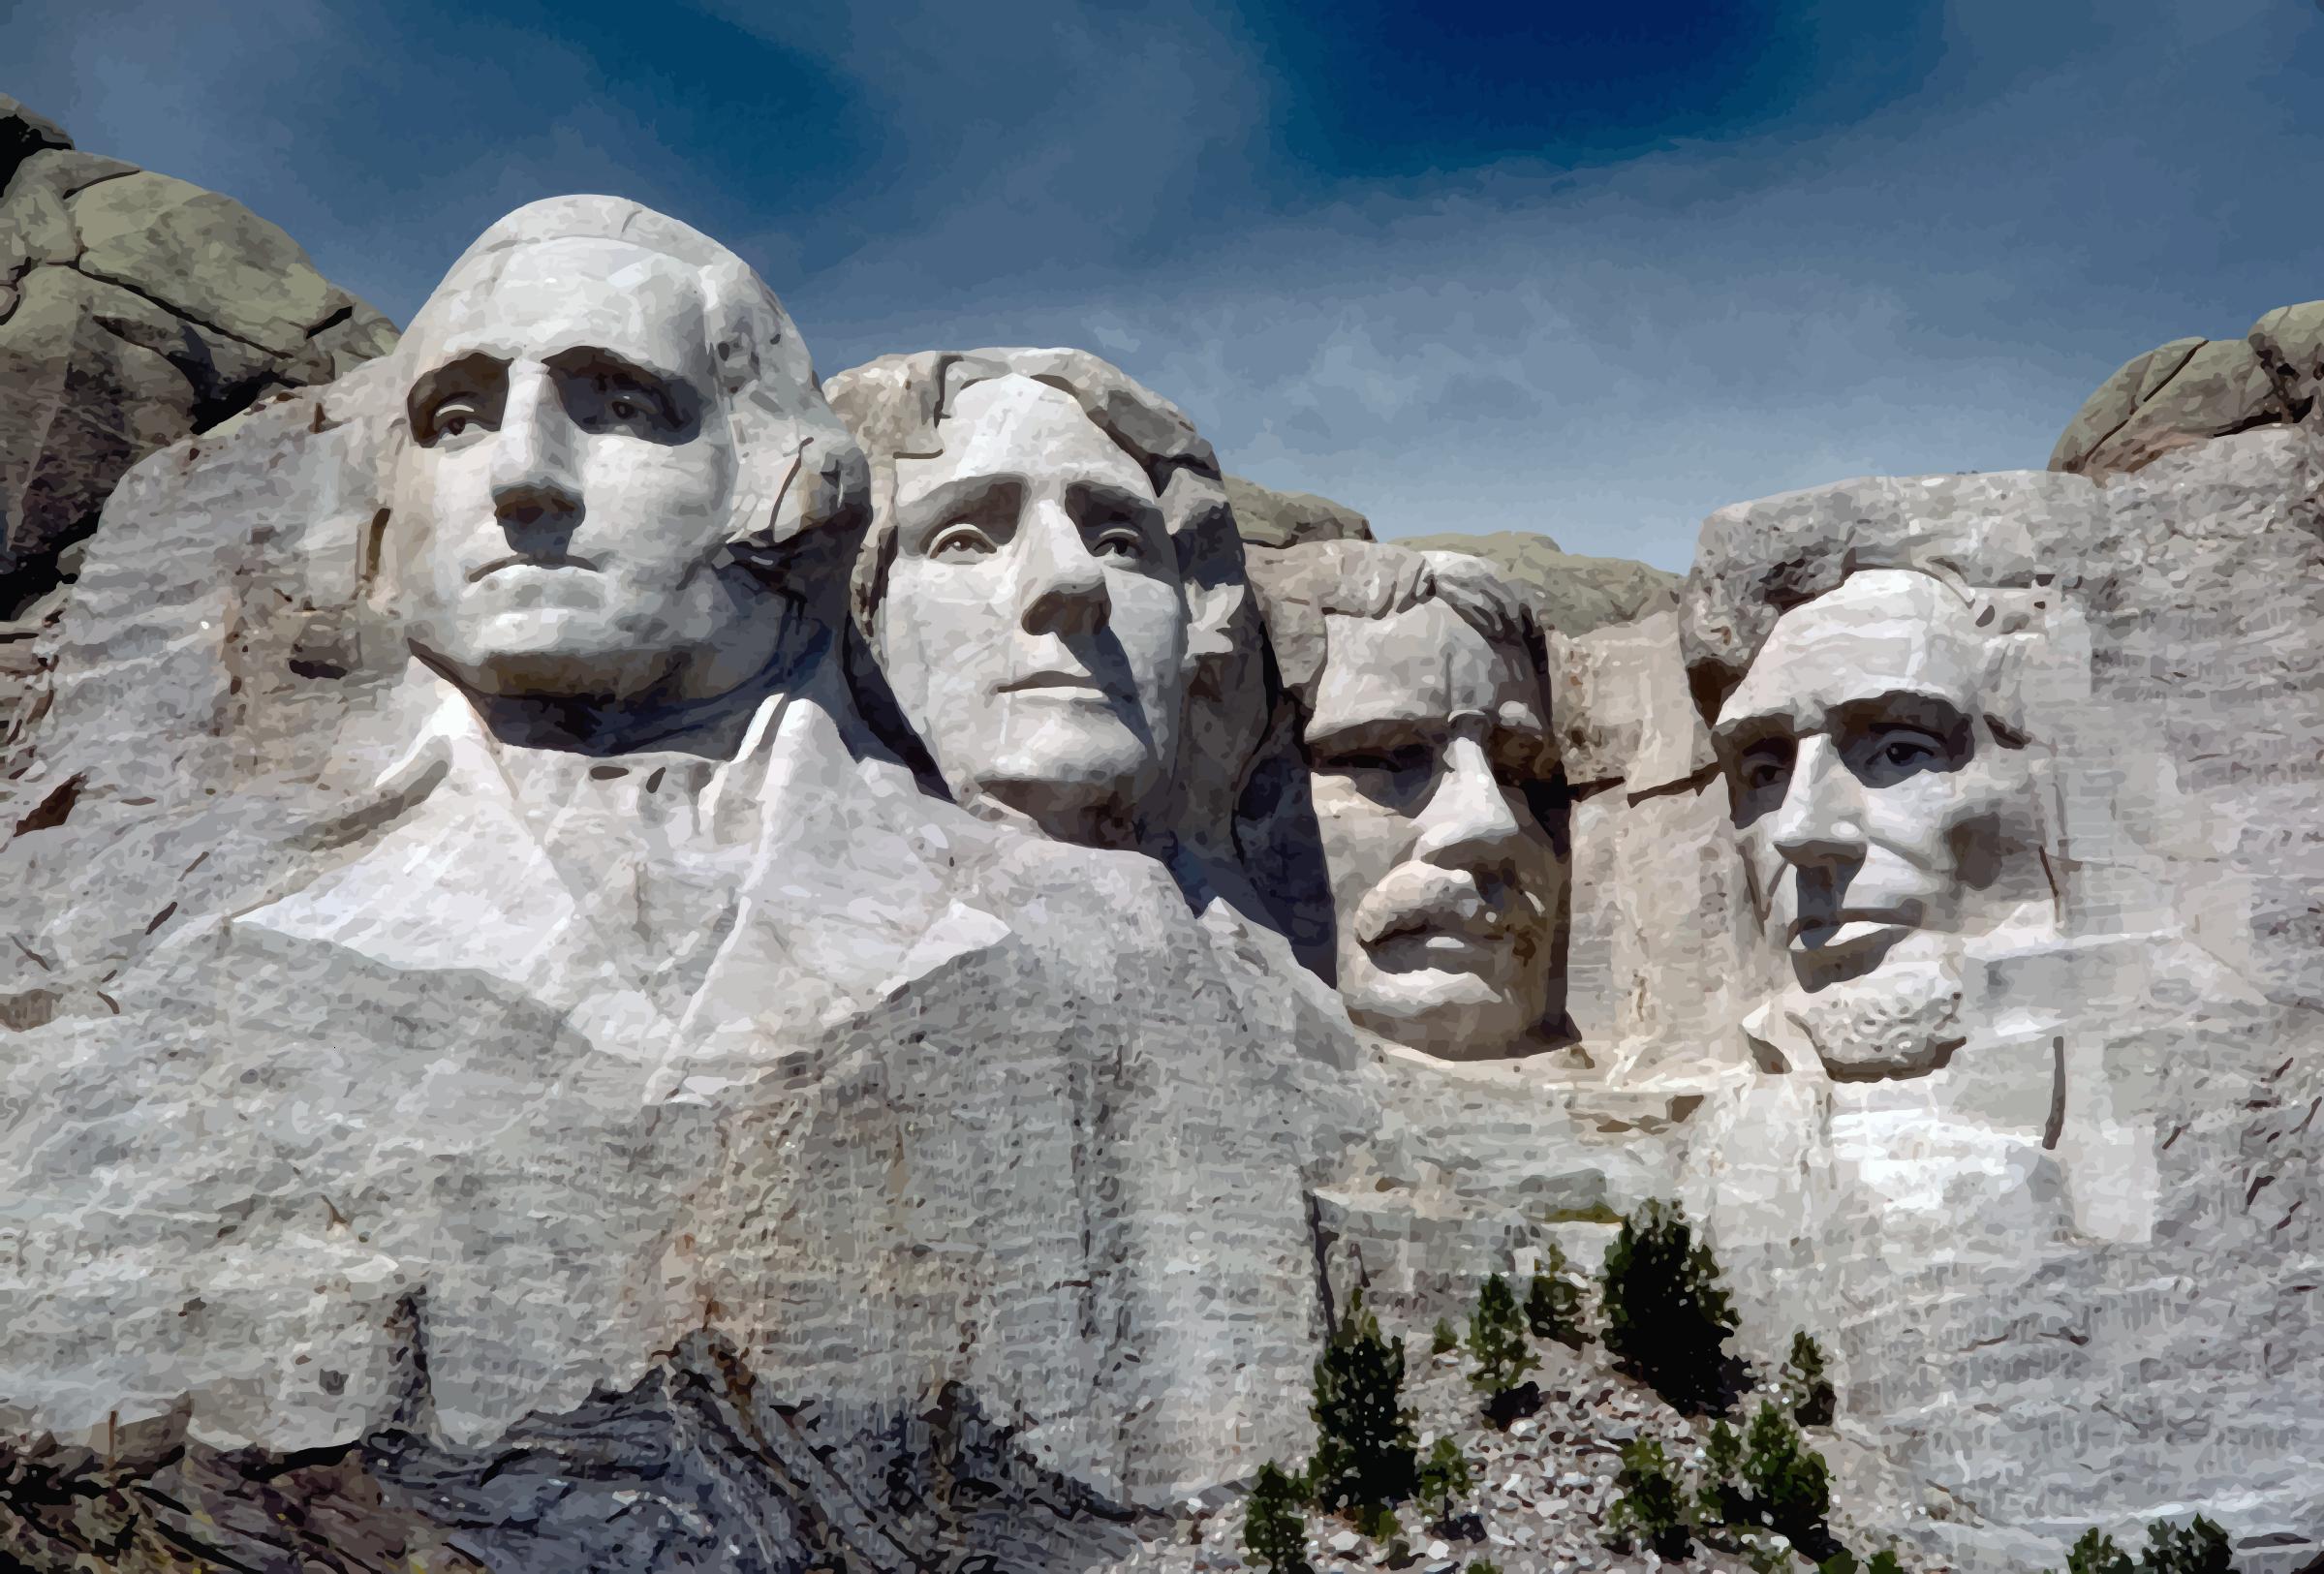 Mount Rushmore National Memorial American Landmarks Mount Rushmore South Dakota Mount Rushmore